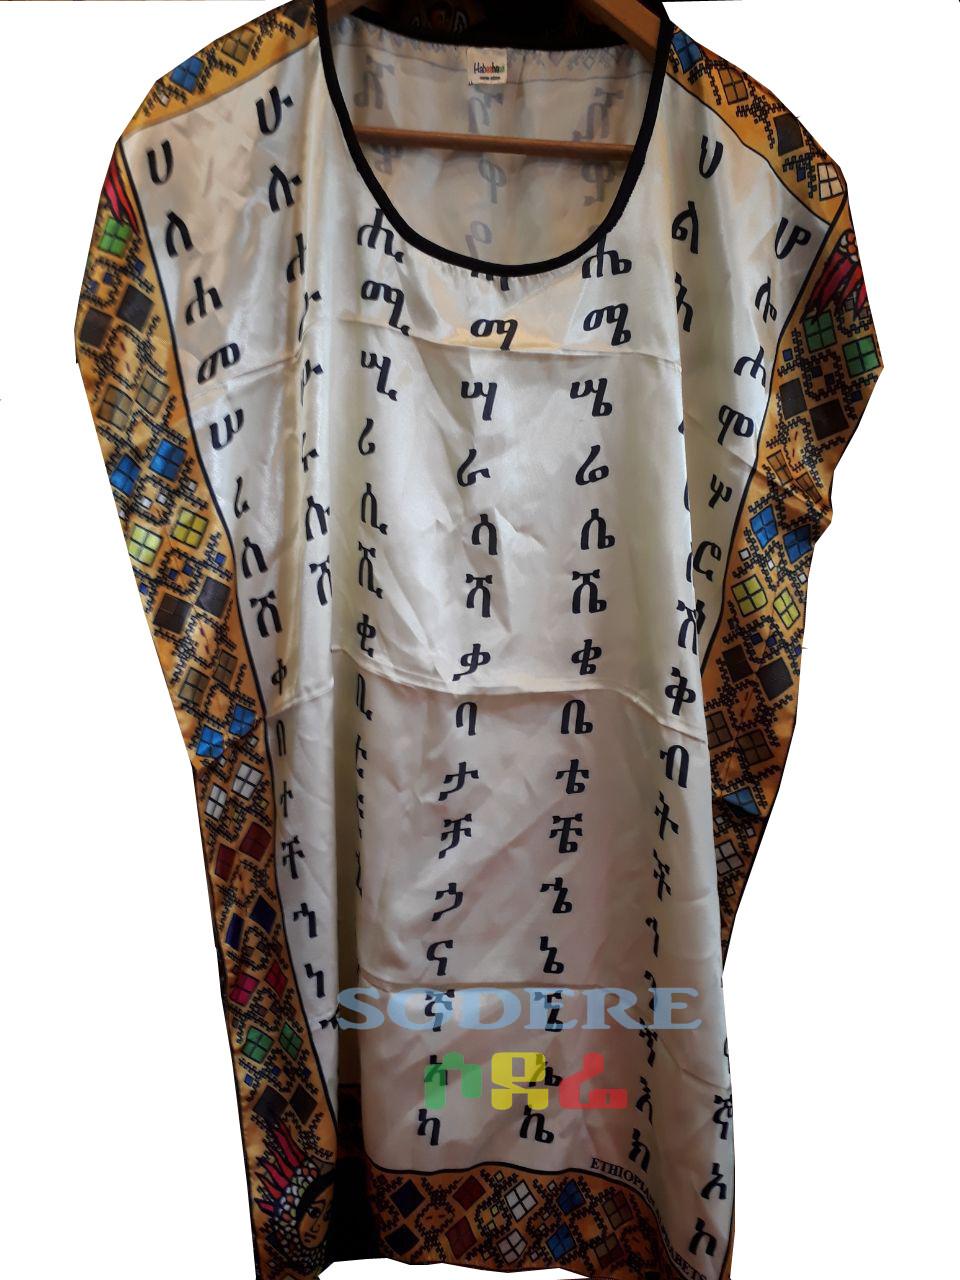 የአማርኛ ፊደሎች ያሉበት ረዘም ያለ የሴቶች አላባሽ Amharic letter t-shirts